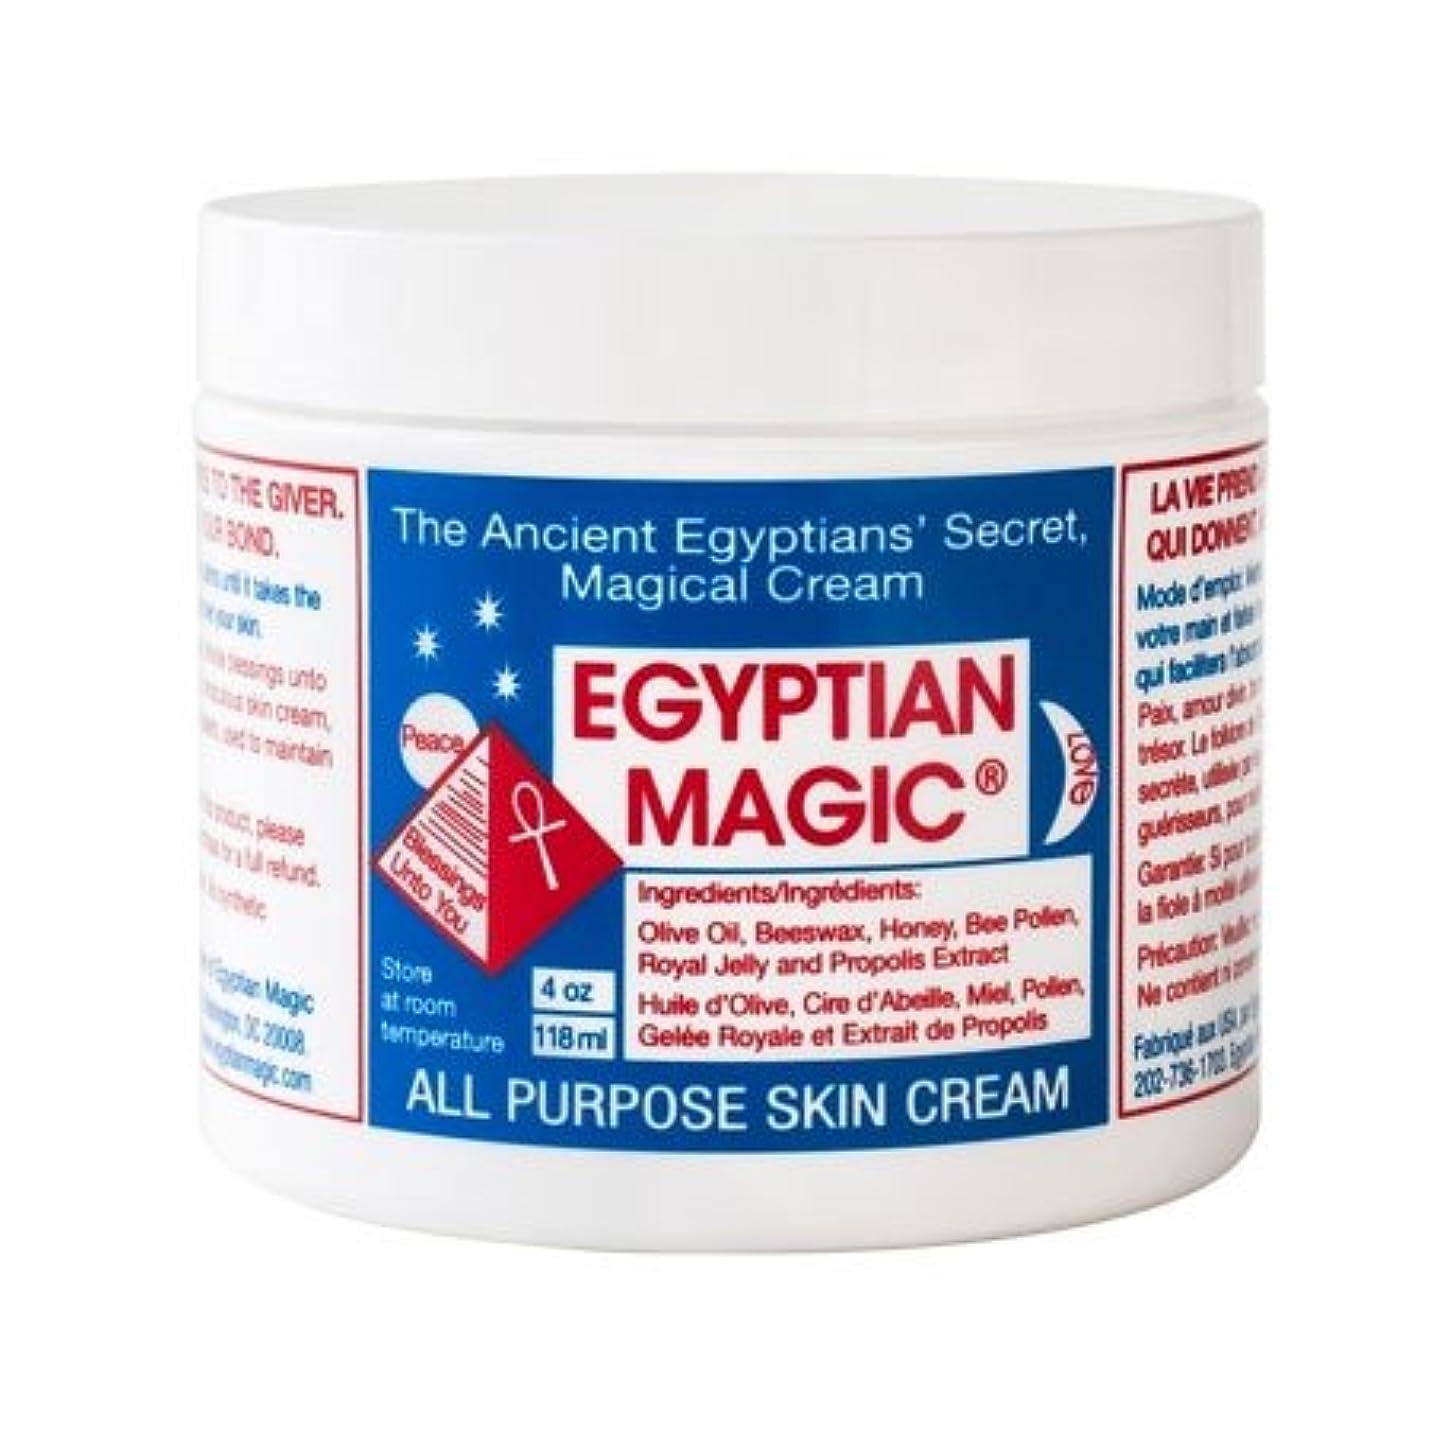 アイドル男性ショッピングセンターエジプシャンマジック エジプシャン マジック クリーム 118ml 海外仕様パッケージ